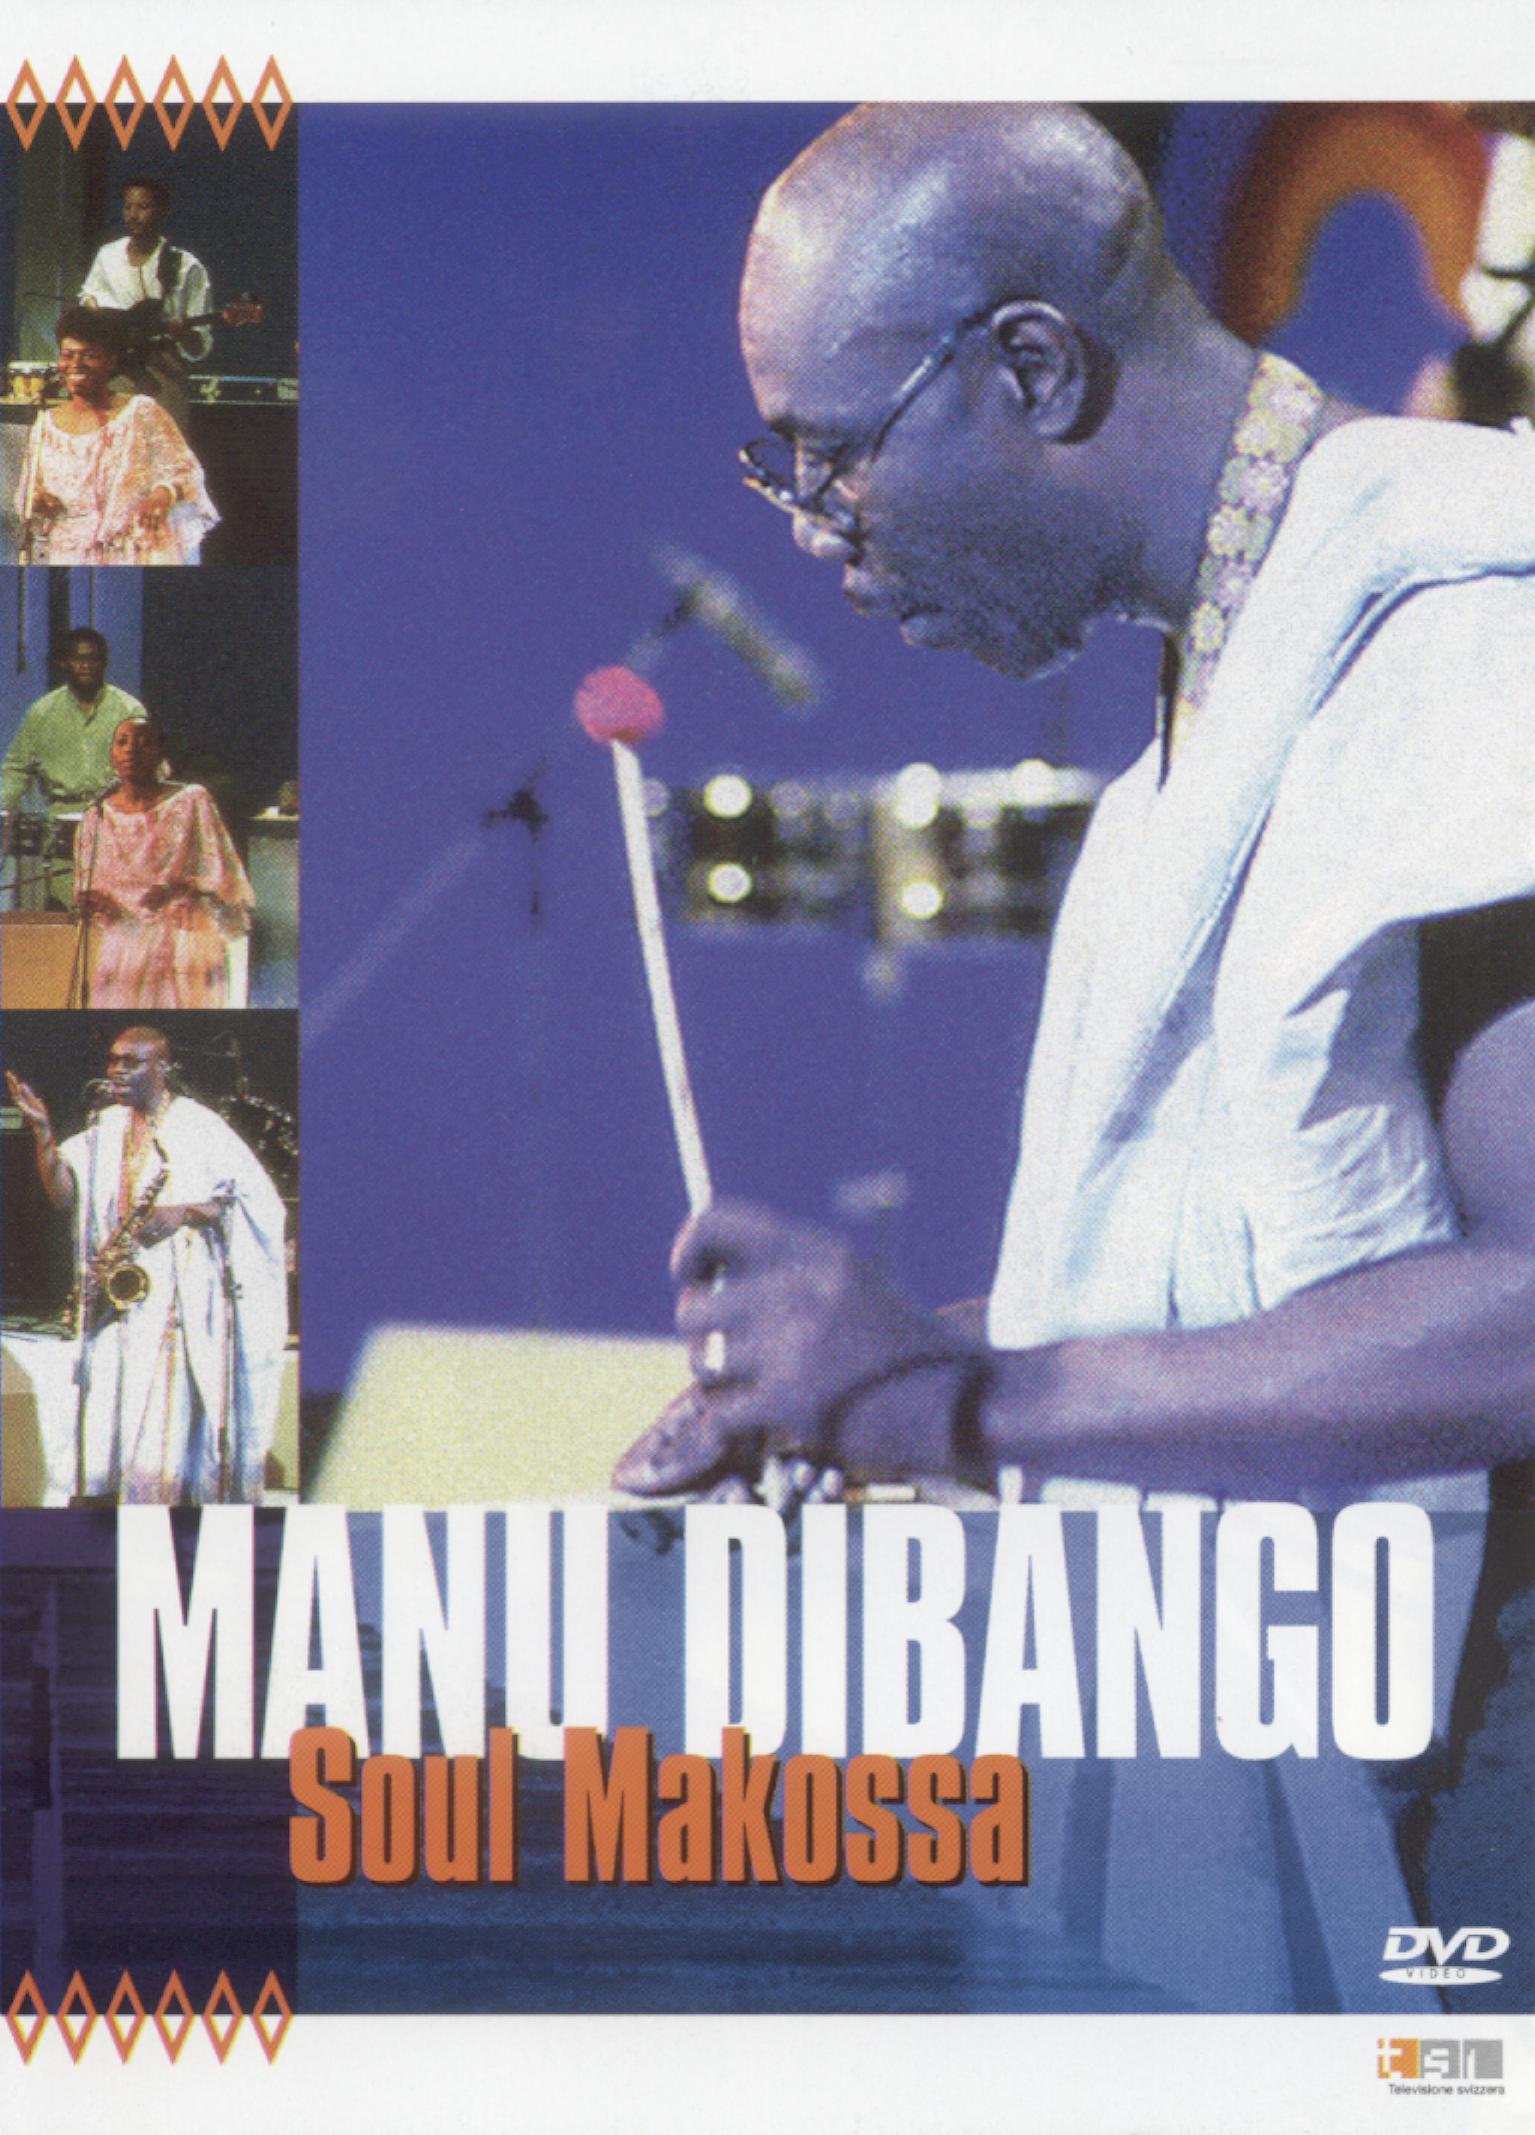 Manu Dibango: Soul Makossa